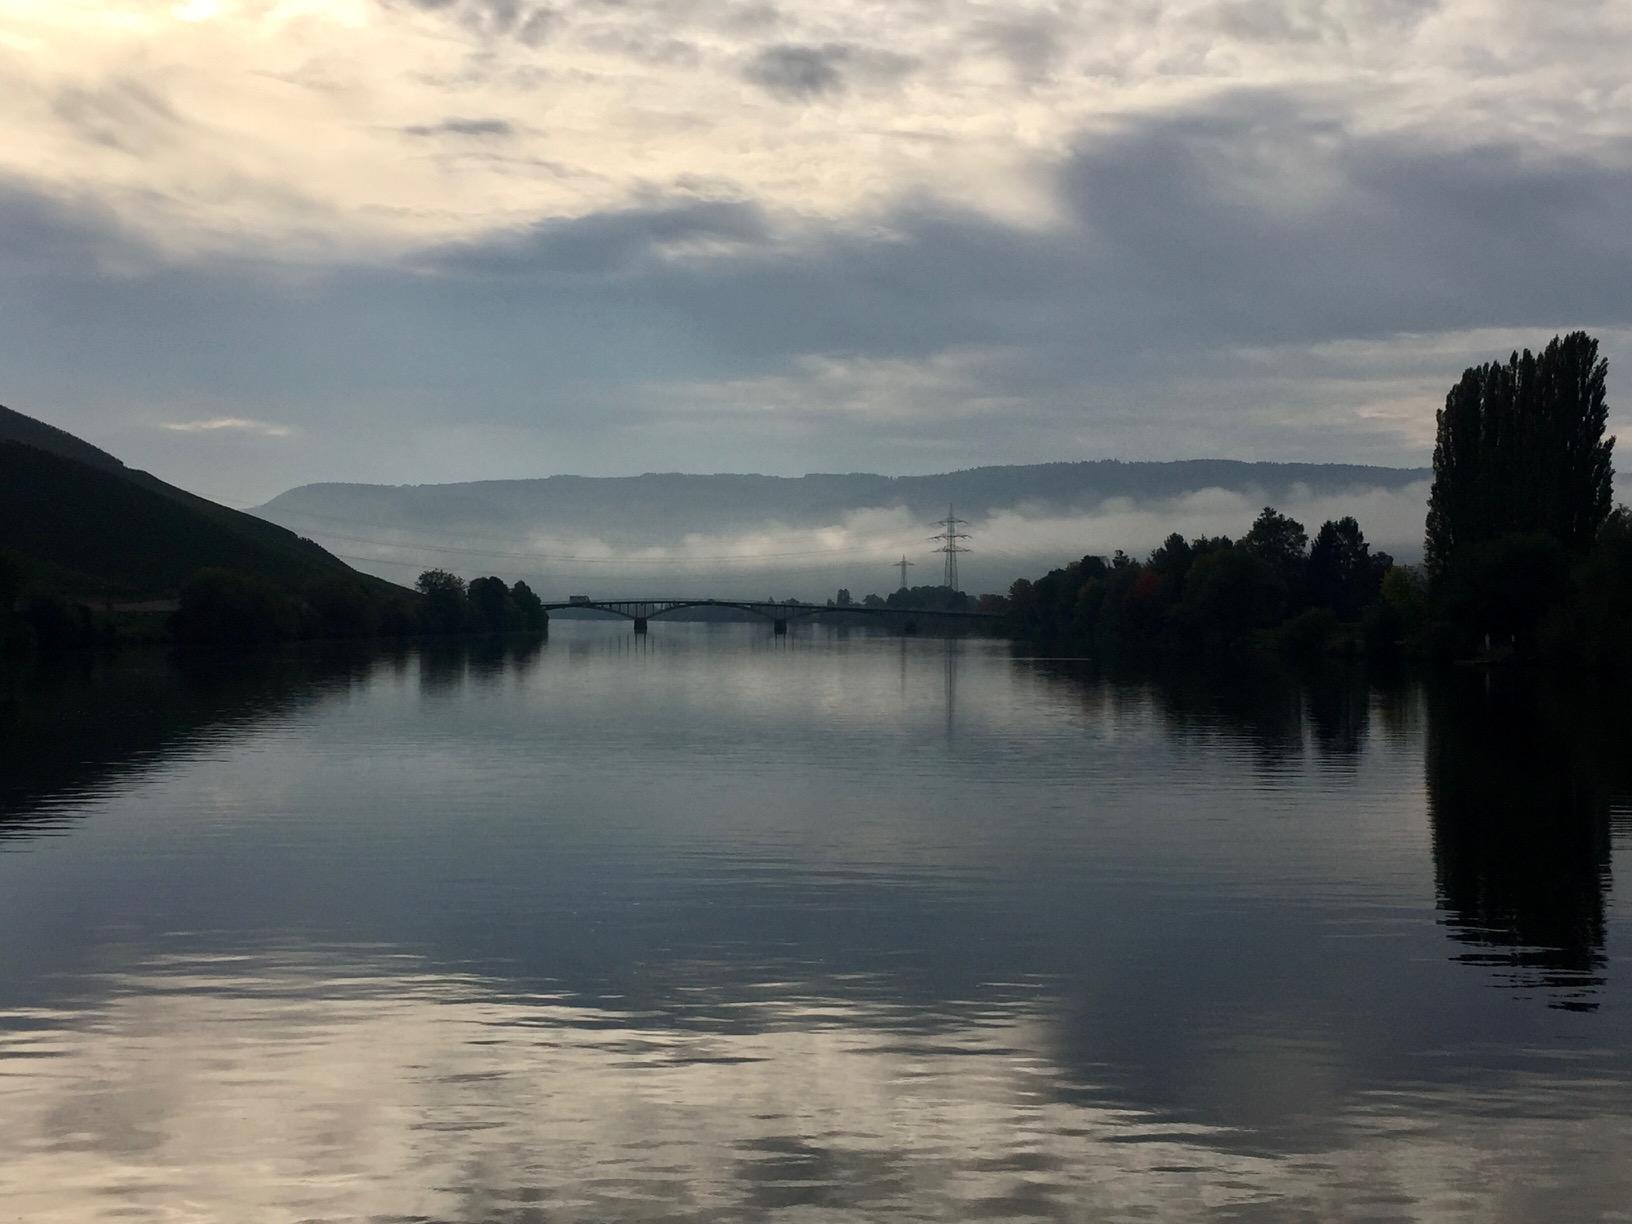 Blick auf die Mosel vom Boot bei Schweich auf dem Weg nach Bernkastel